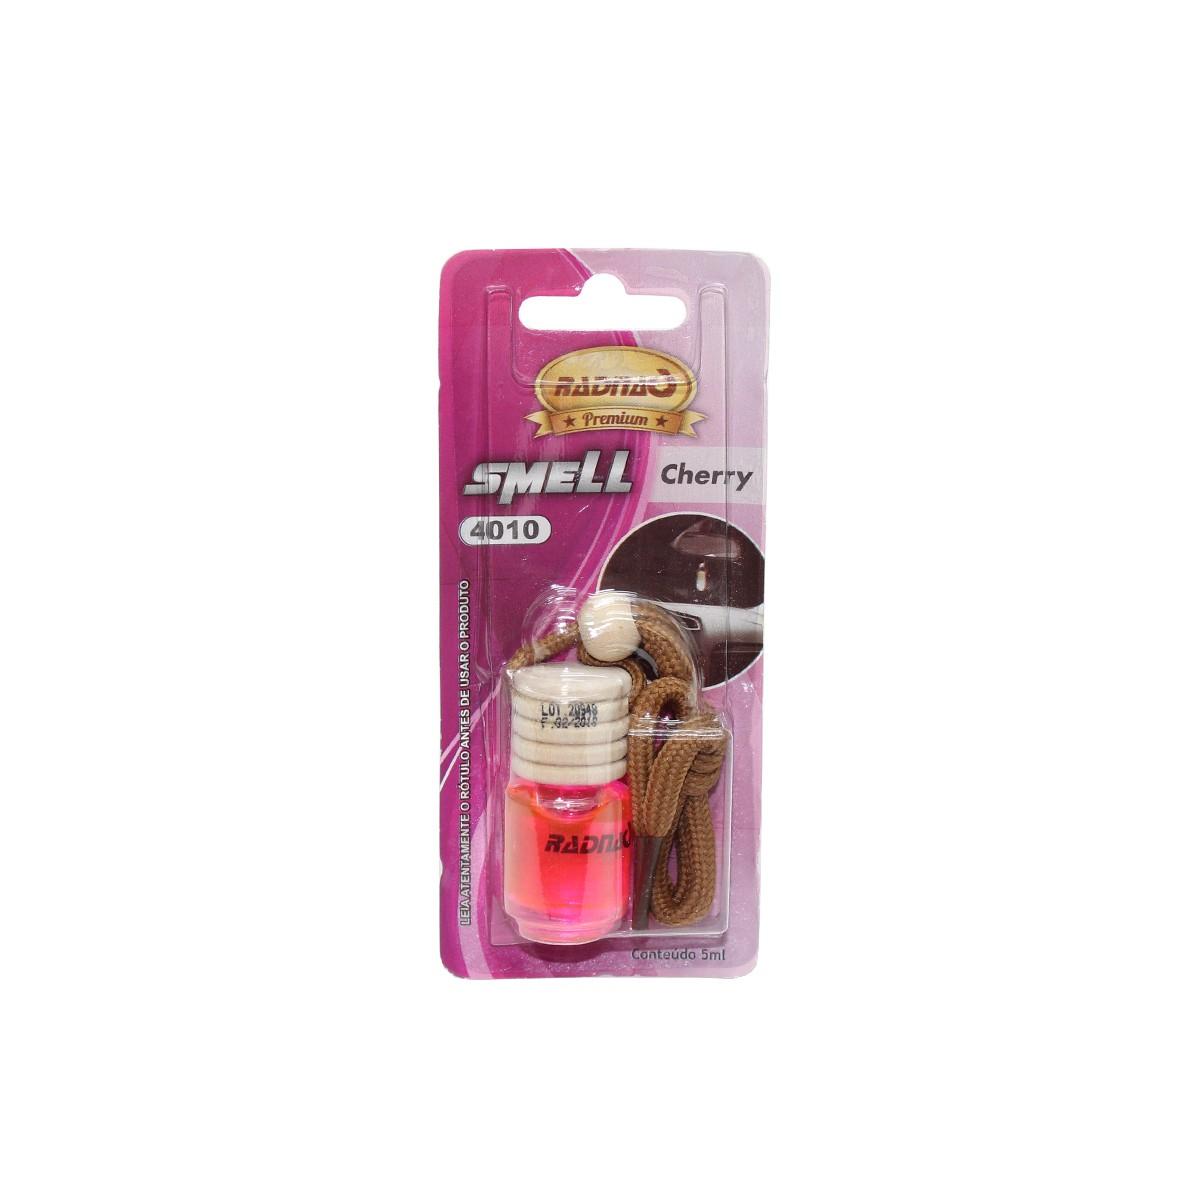 Odorizador / Cheirinho Automotivo - Radnaq Smell - Cherry